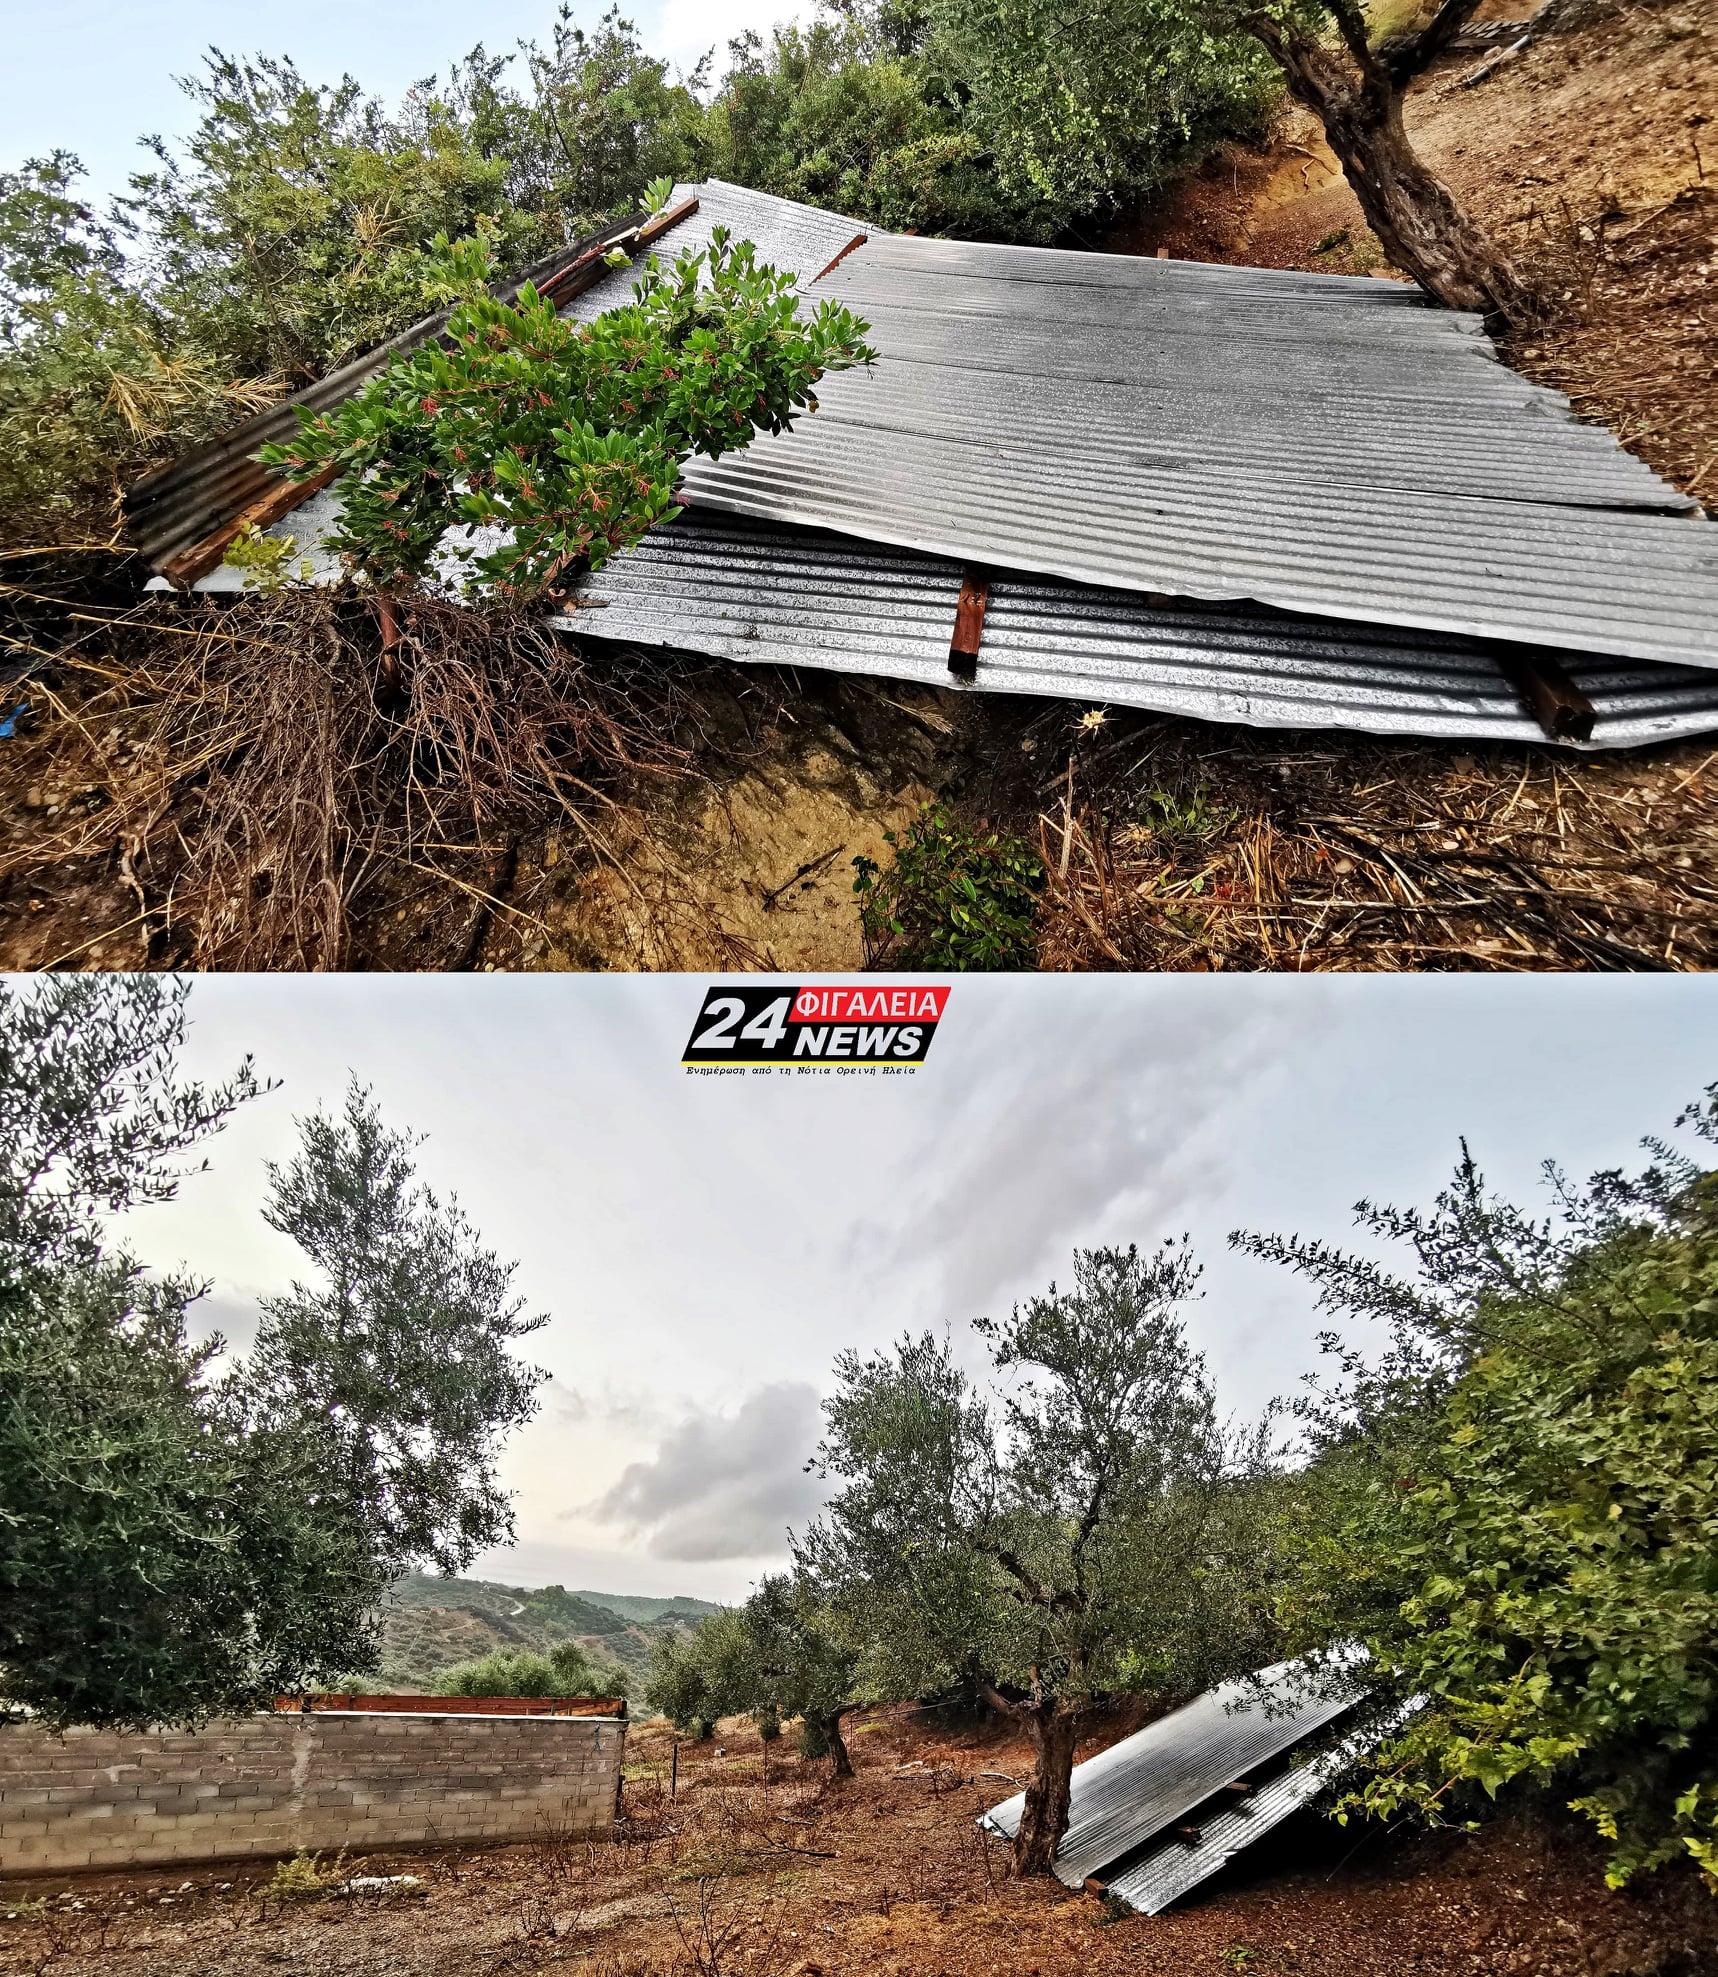 Φιγαλεία: Σοβαρές ζημιές από την πρόσφατη κακοκαιρία- Ξήλωσε στέγες από στάβλους στον οικισμό Μαυρονικόλα (pic)